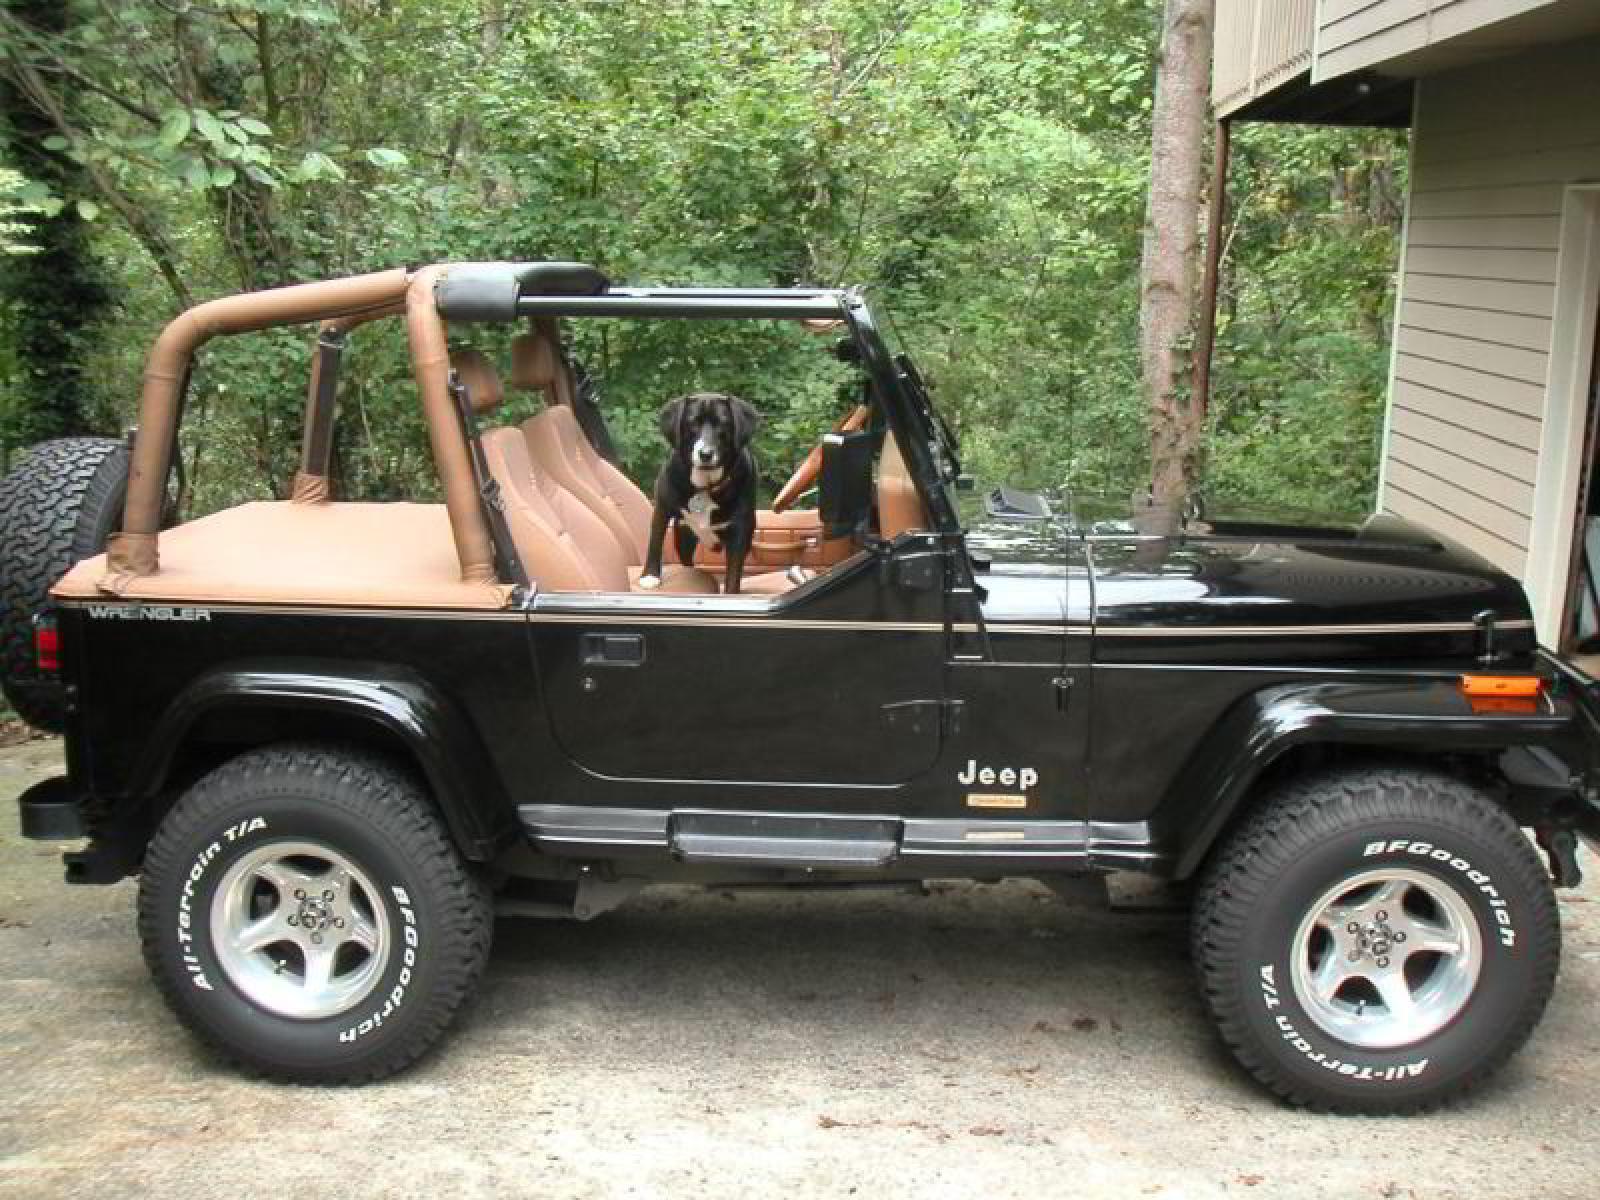 Superb 800 1024 1280 1600 Origin 1995 Jeep Wrangler ...